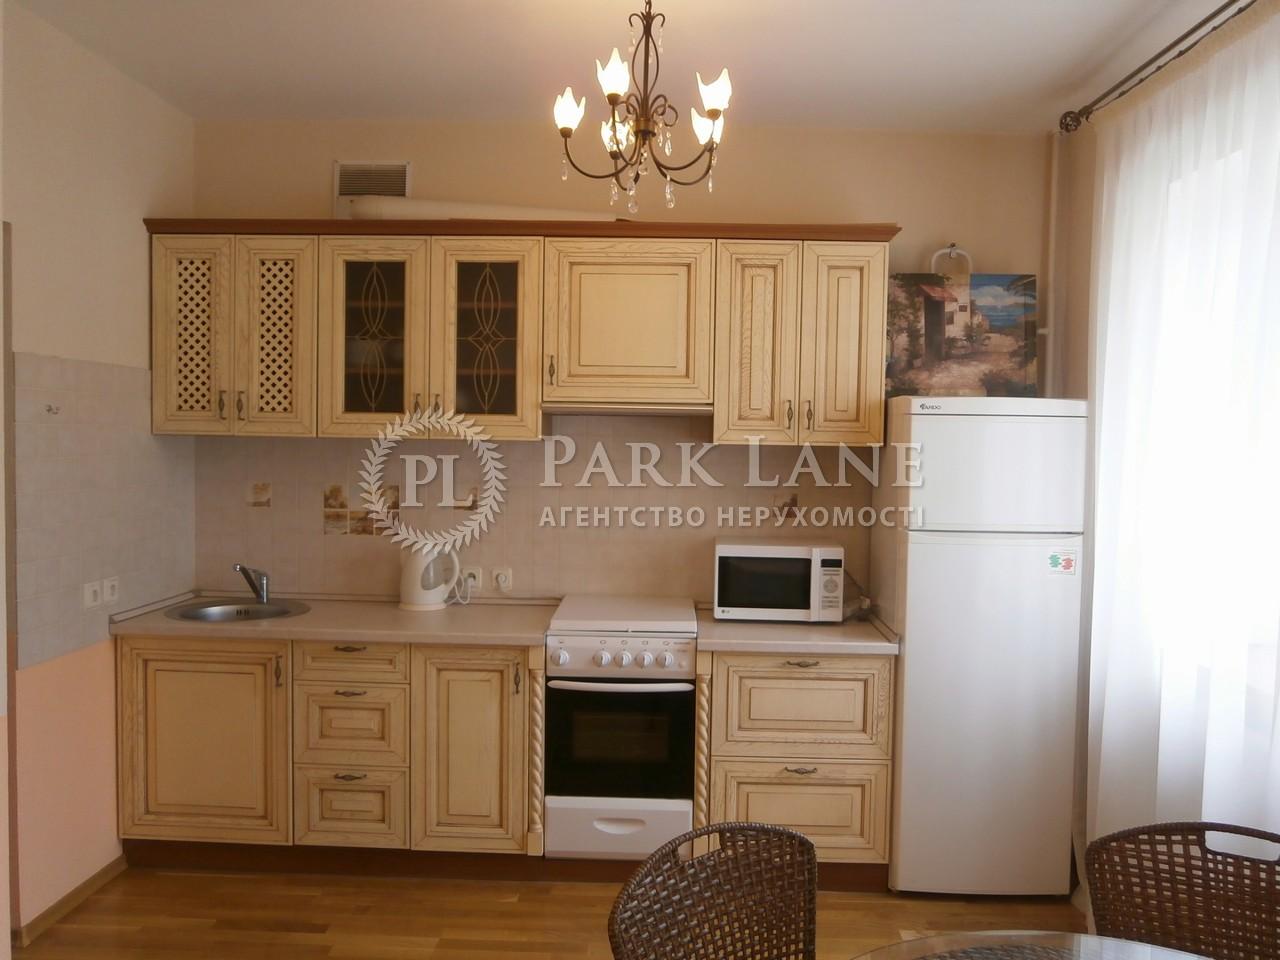 Квартира вул. Юрківська, 28, Київ, Z-622820 - Фото 7